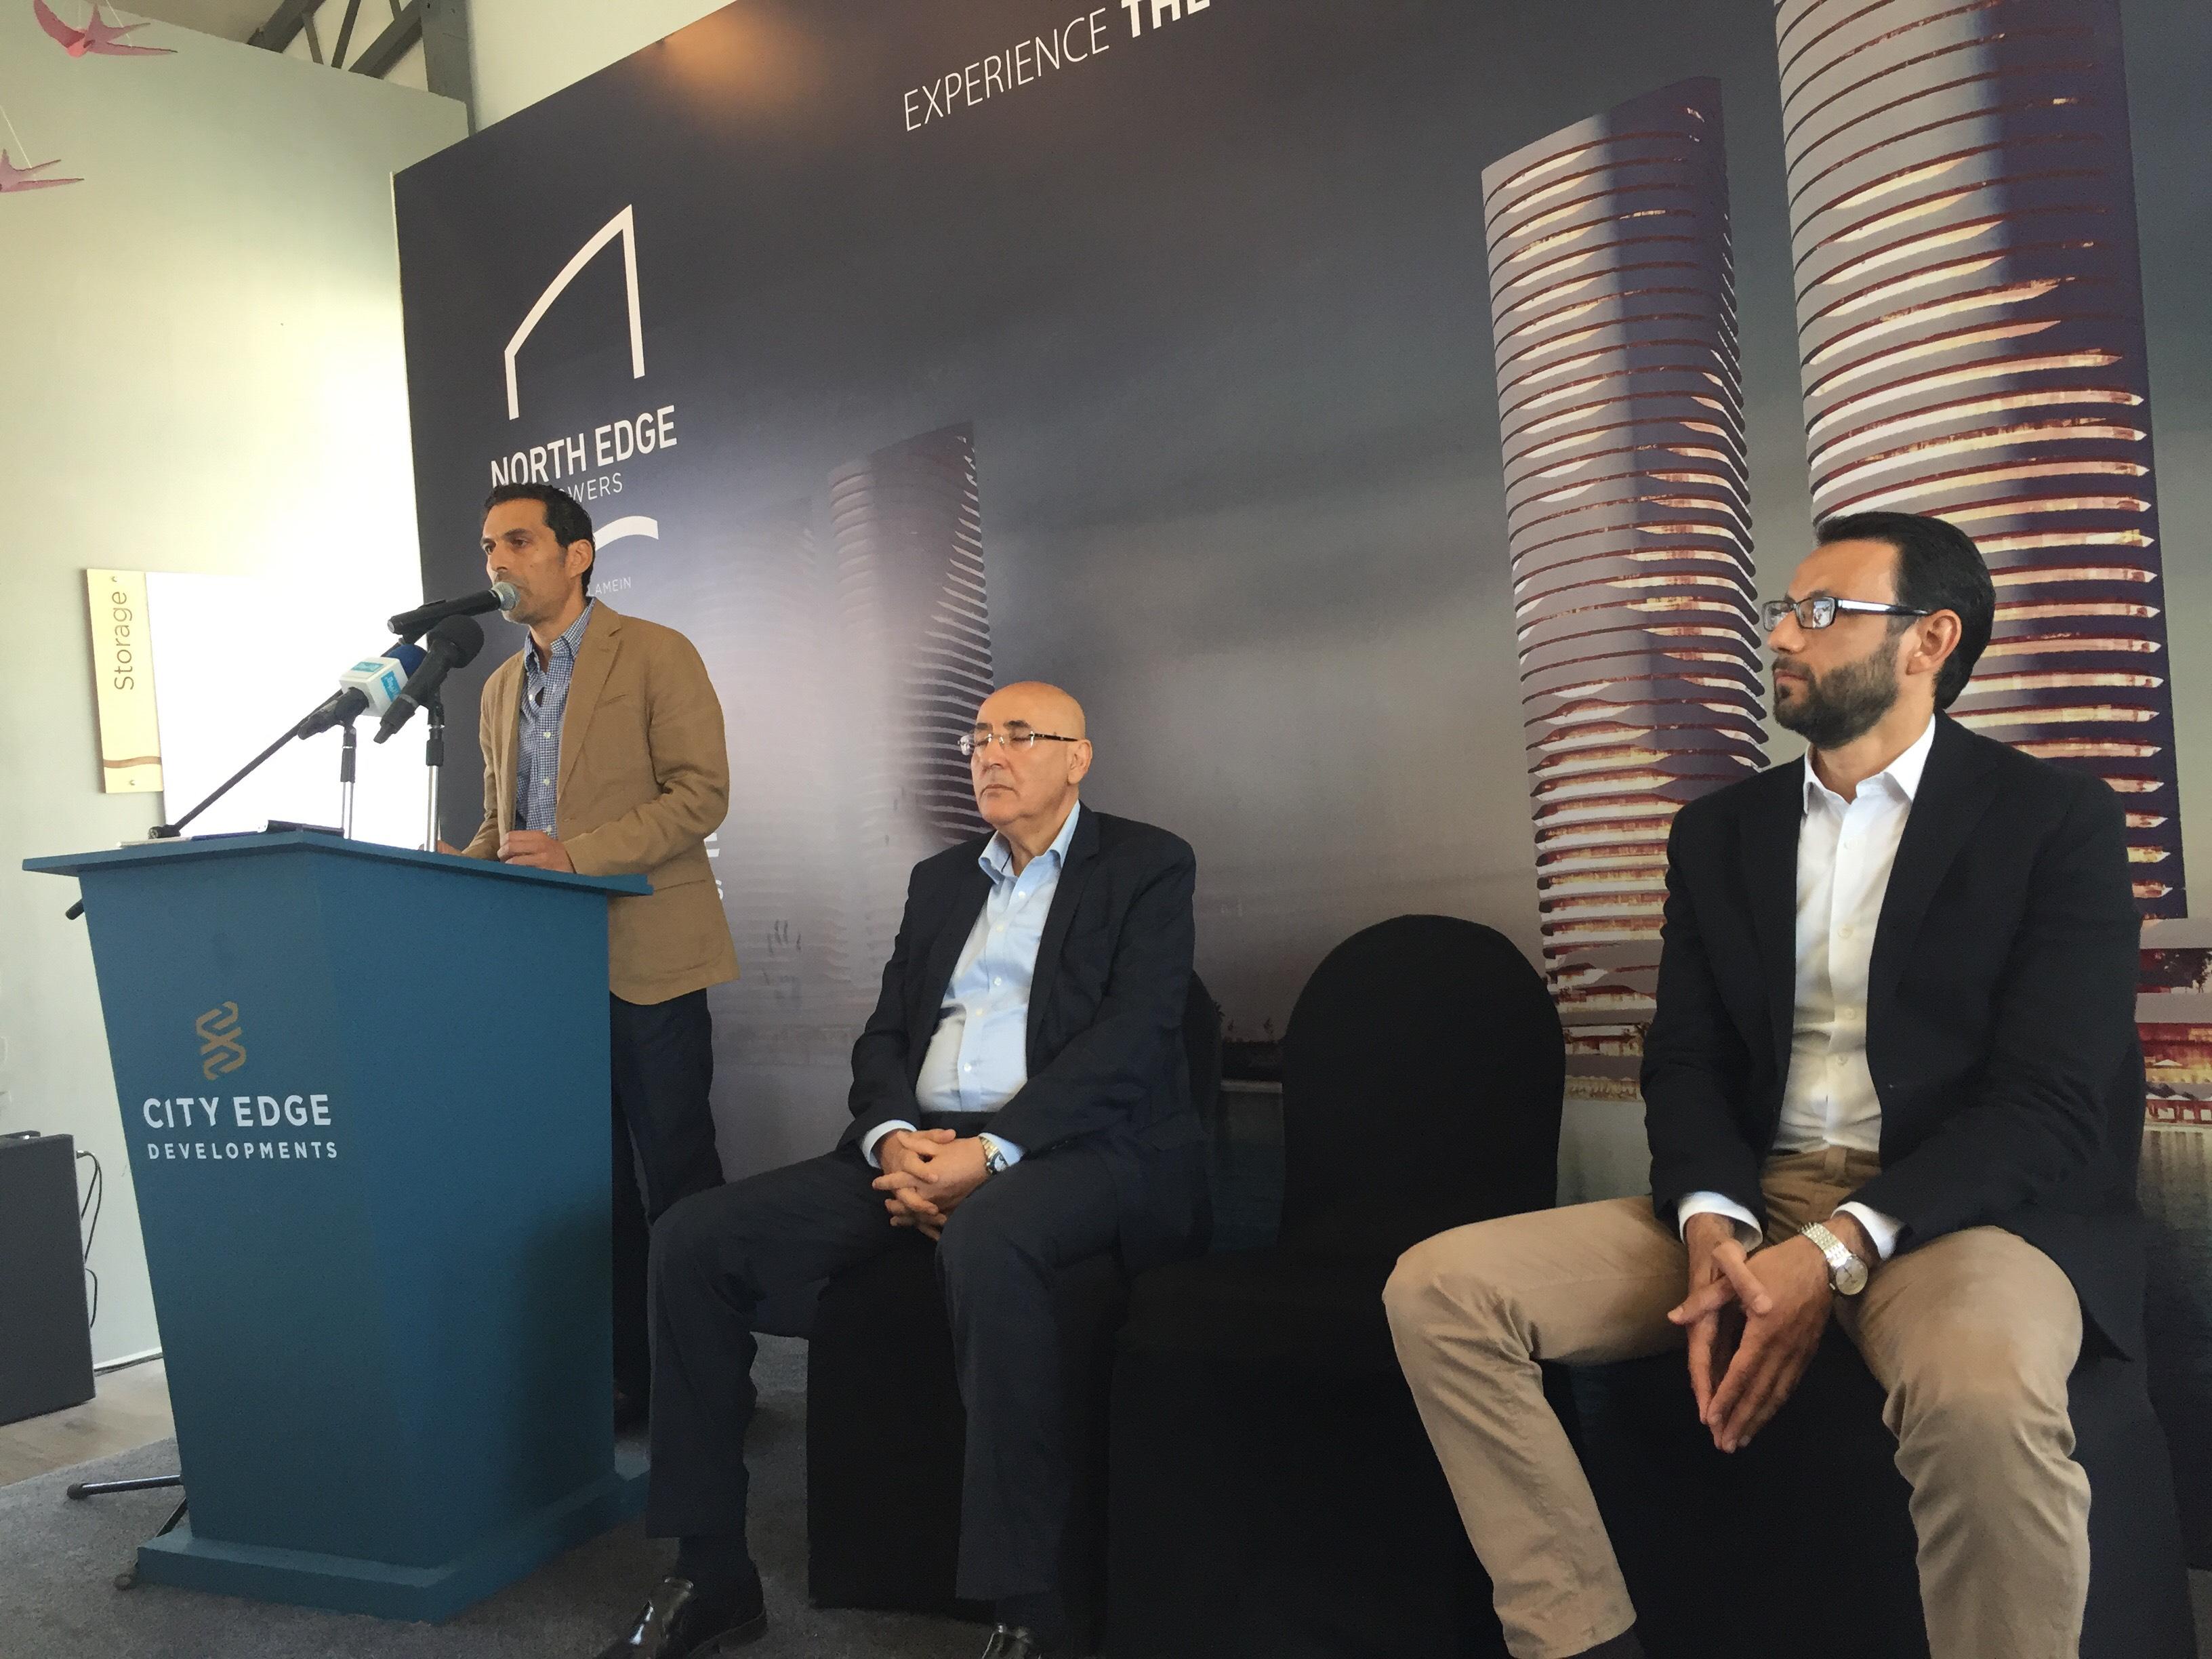 مؤتمر للاعلان عن تفاصيل تسويق ابراج مدينة العلمين الجديدة (7)